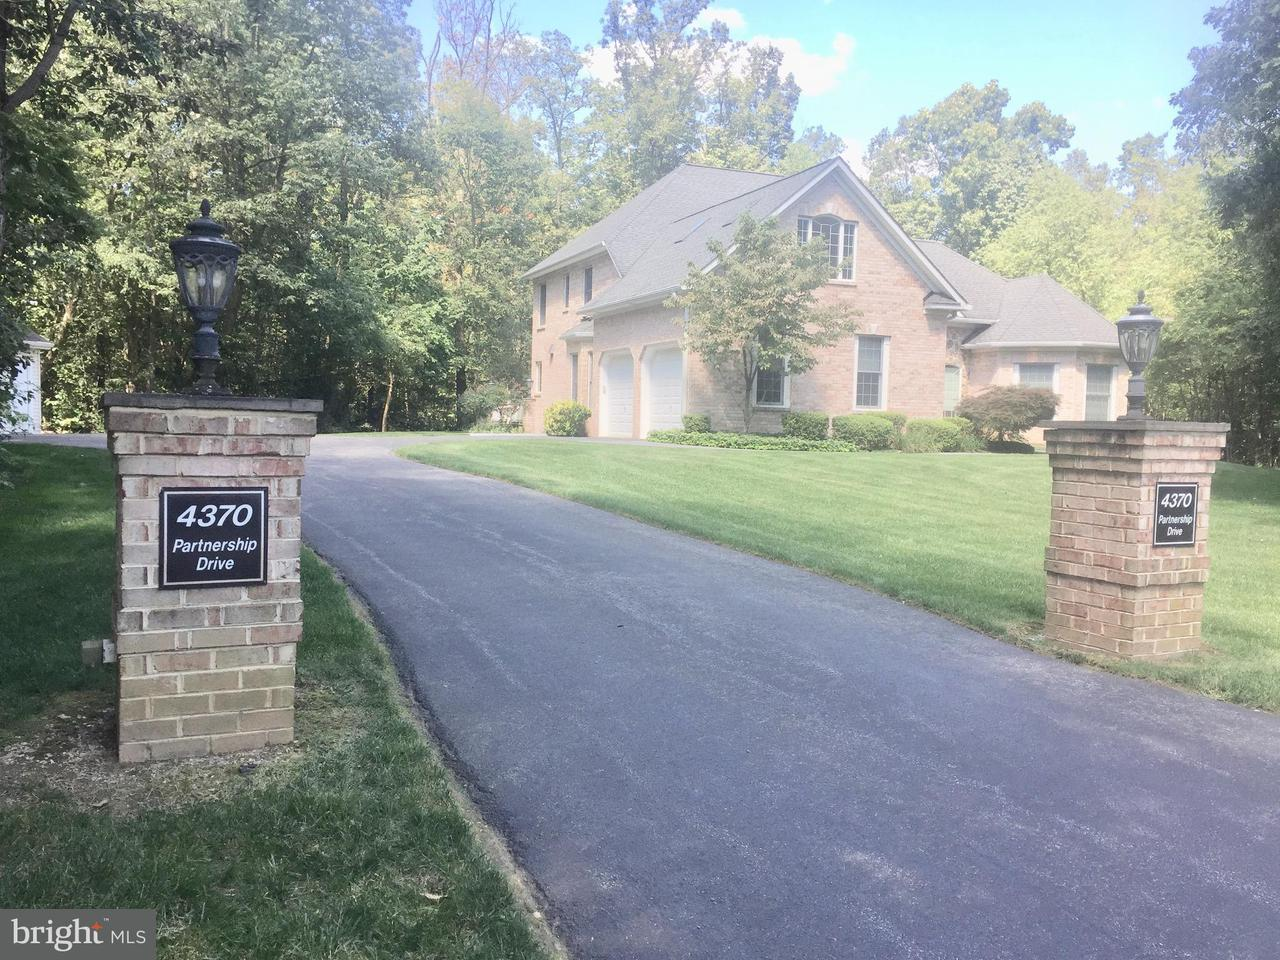 Частный односемейный дом для того Продажа на 4370 PARTNERSHIP DR N 4370 PARTNERSHIP DR N Manchester, Мэриленд 21102 Соединенные Штаты